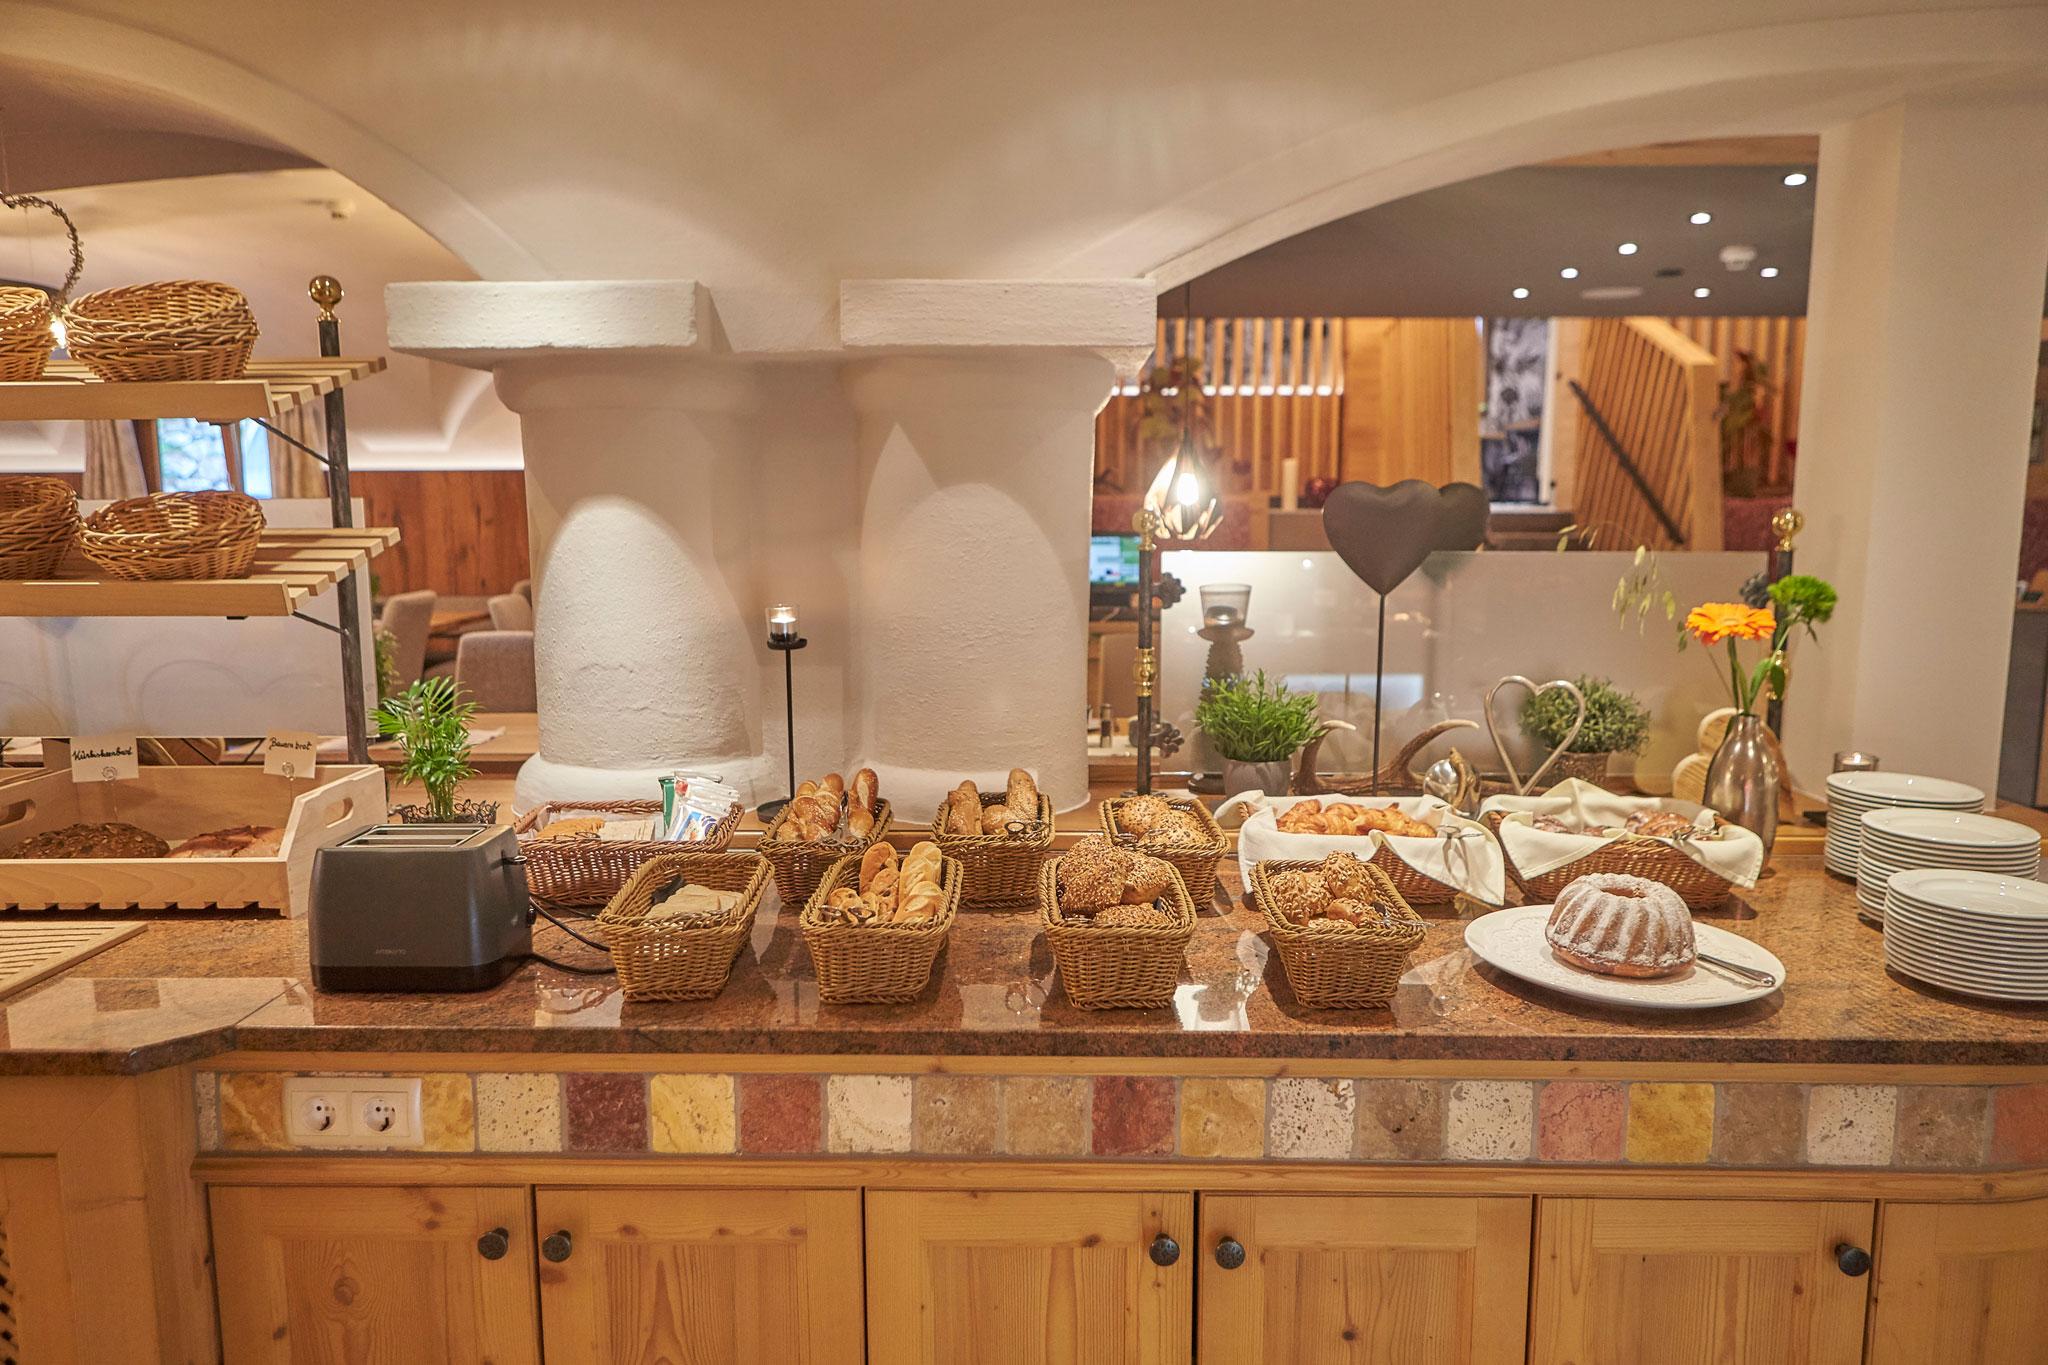 Verschiedenen Gebäcksorten in Körbchen auf dem Frühstücksbuffet